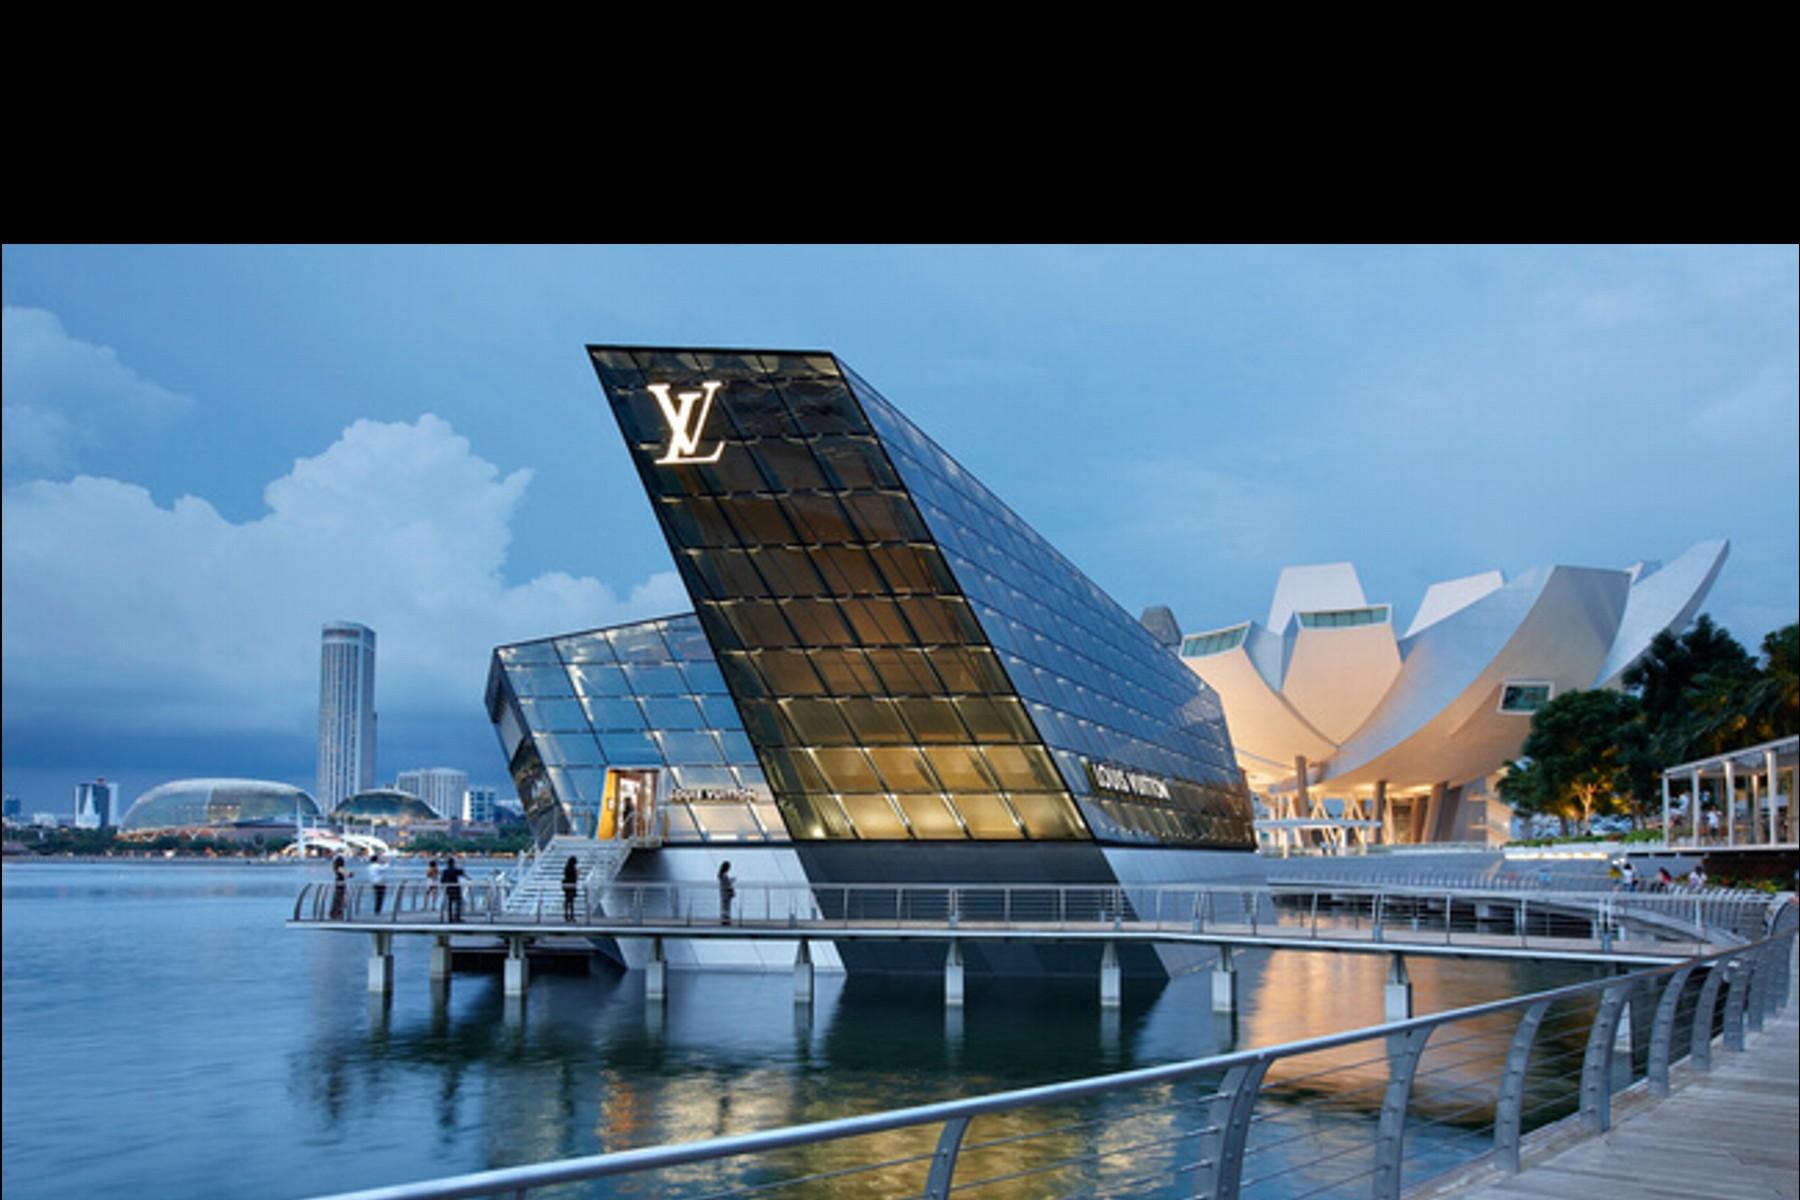 las_tiendas_mas_arquitectonicas_del_mundo_698506891_650xA